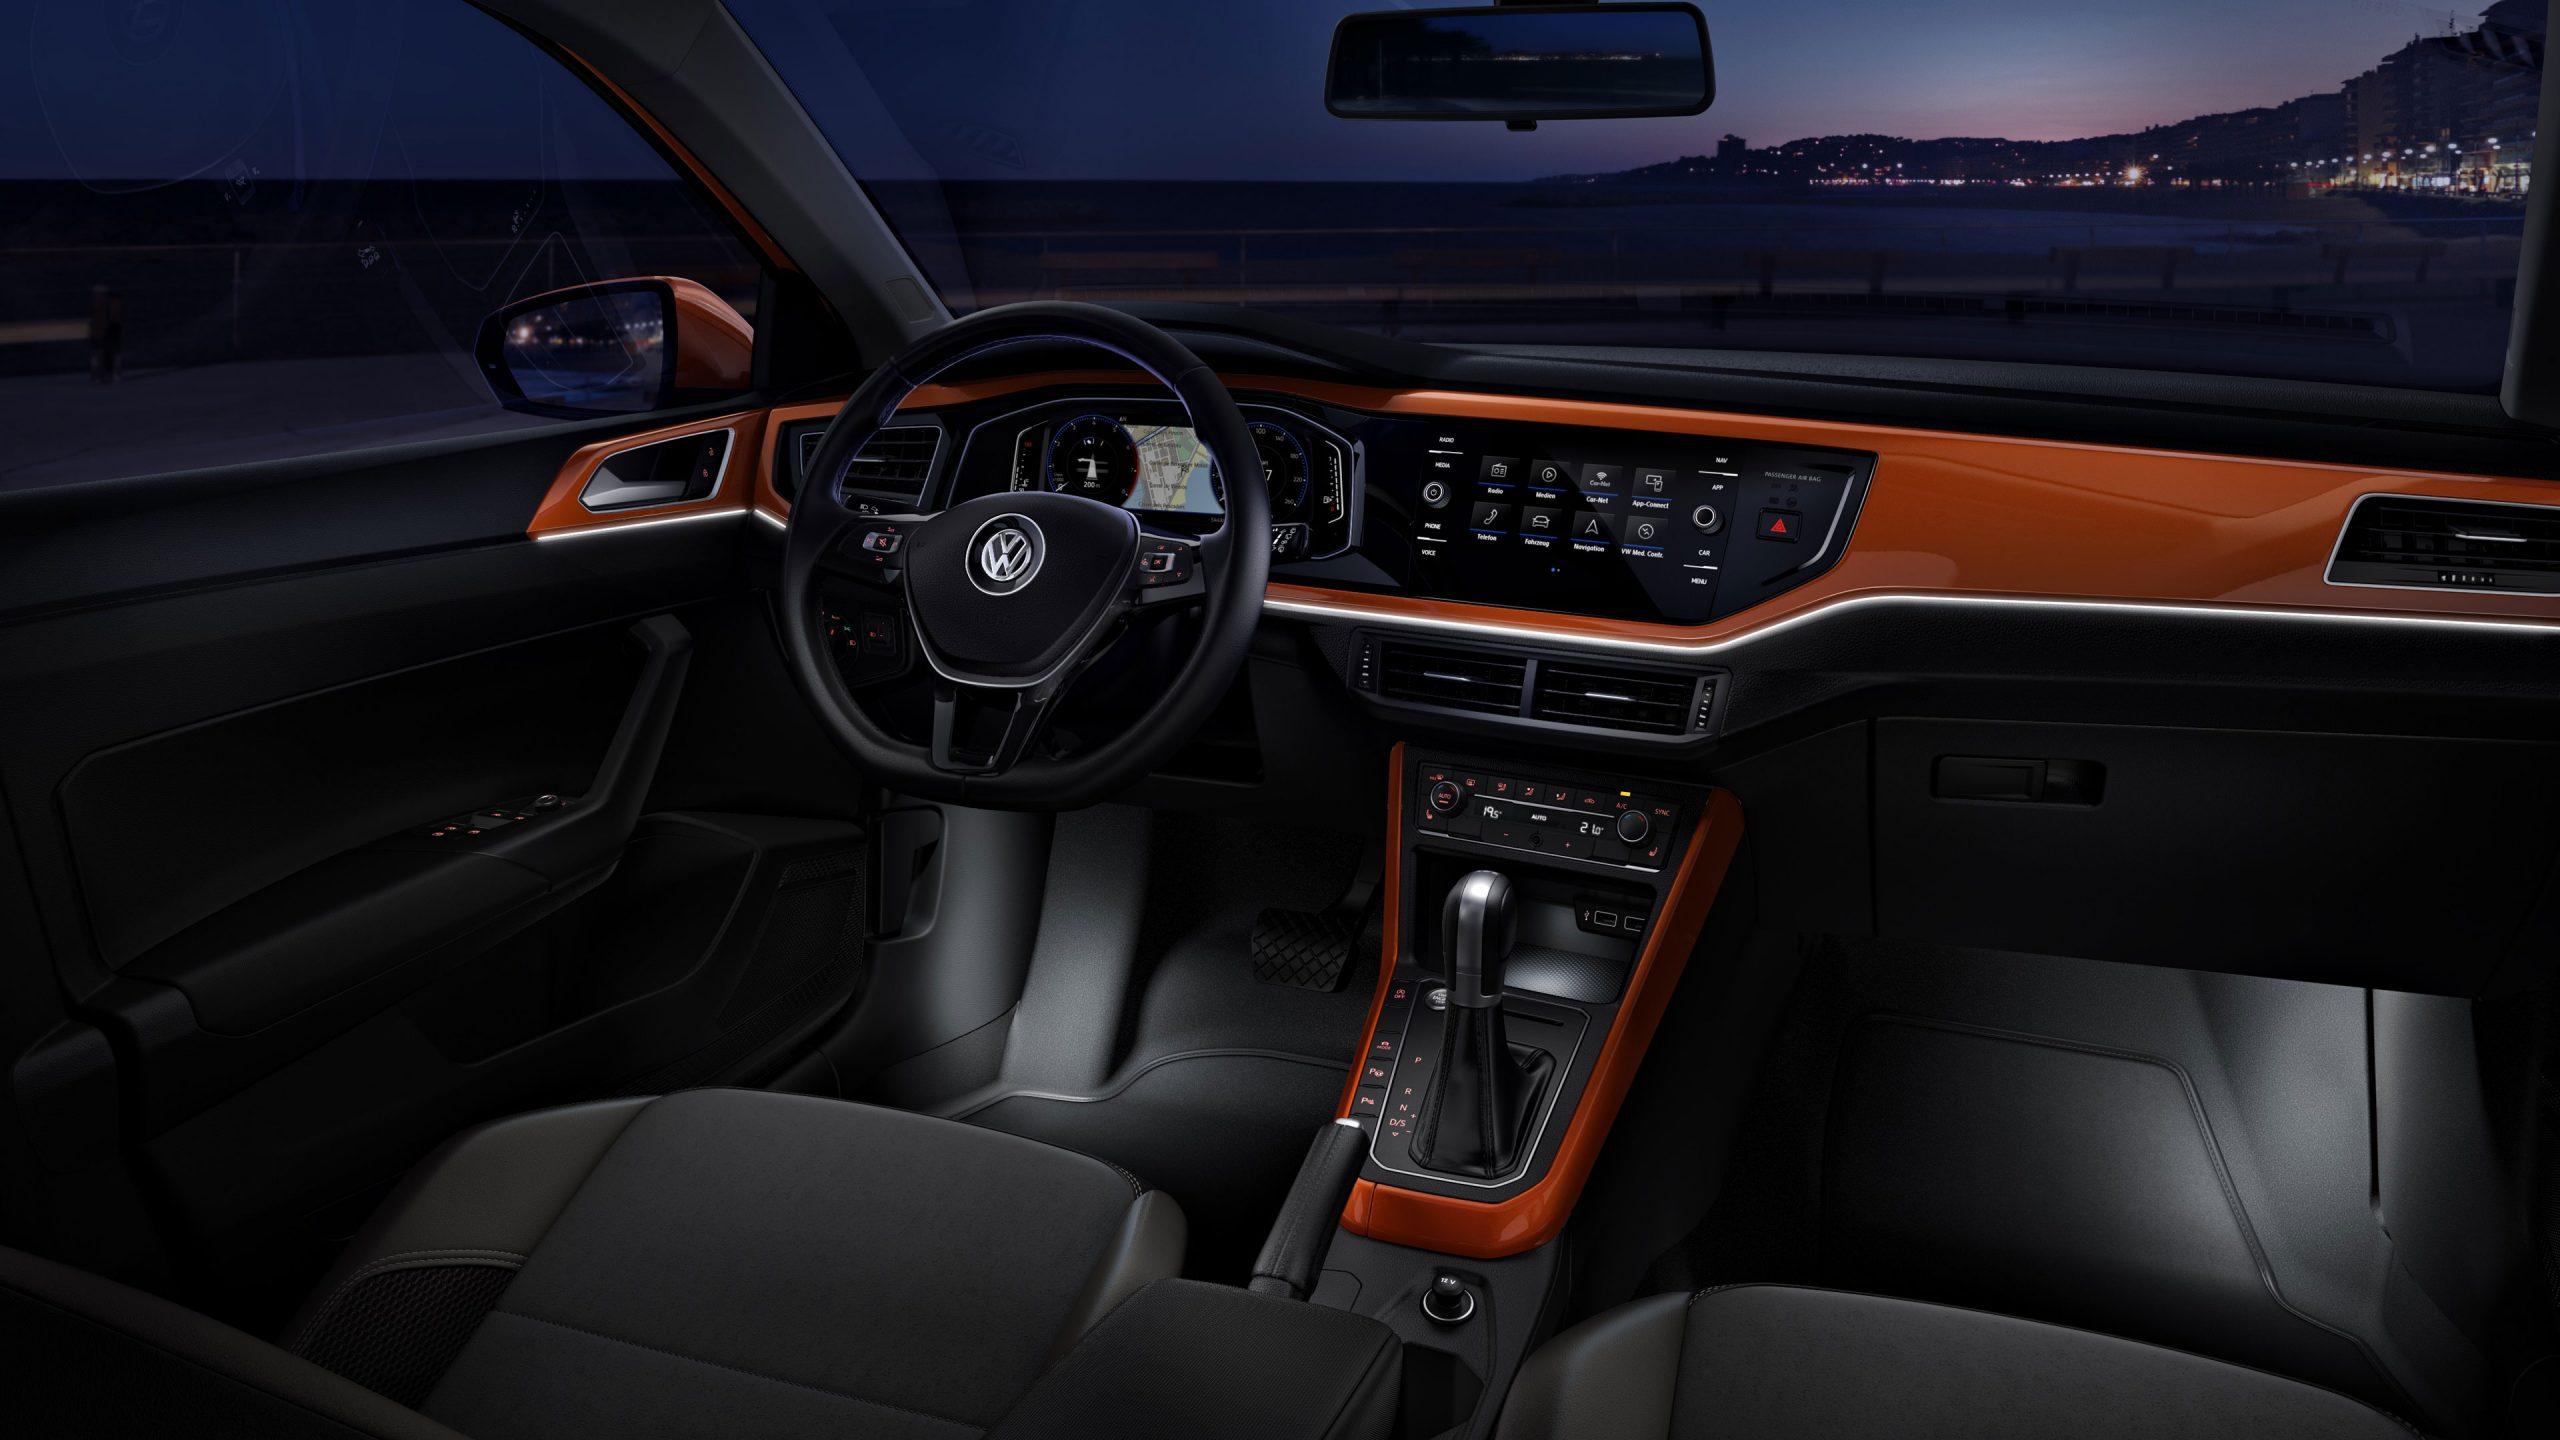 Yeni Polo MK6 1.0 TSi 95 PS